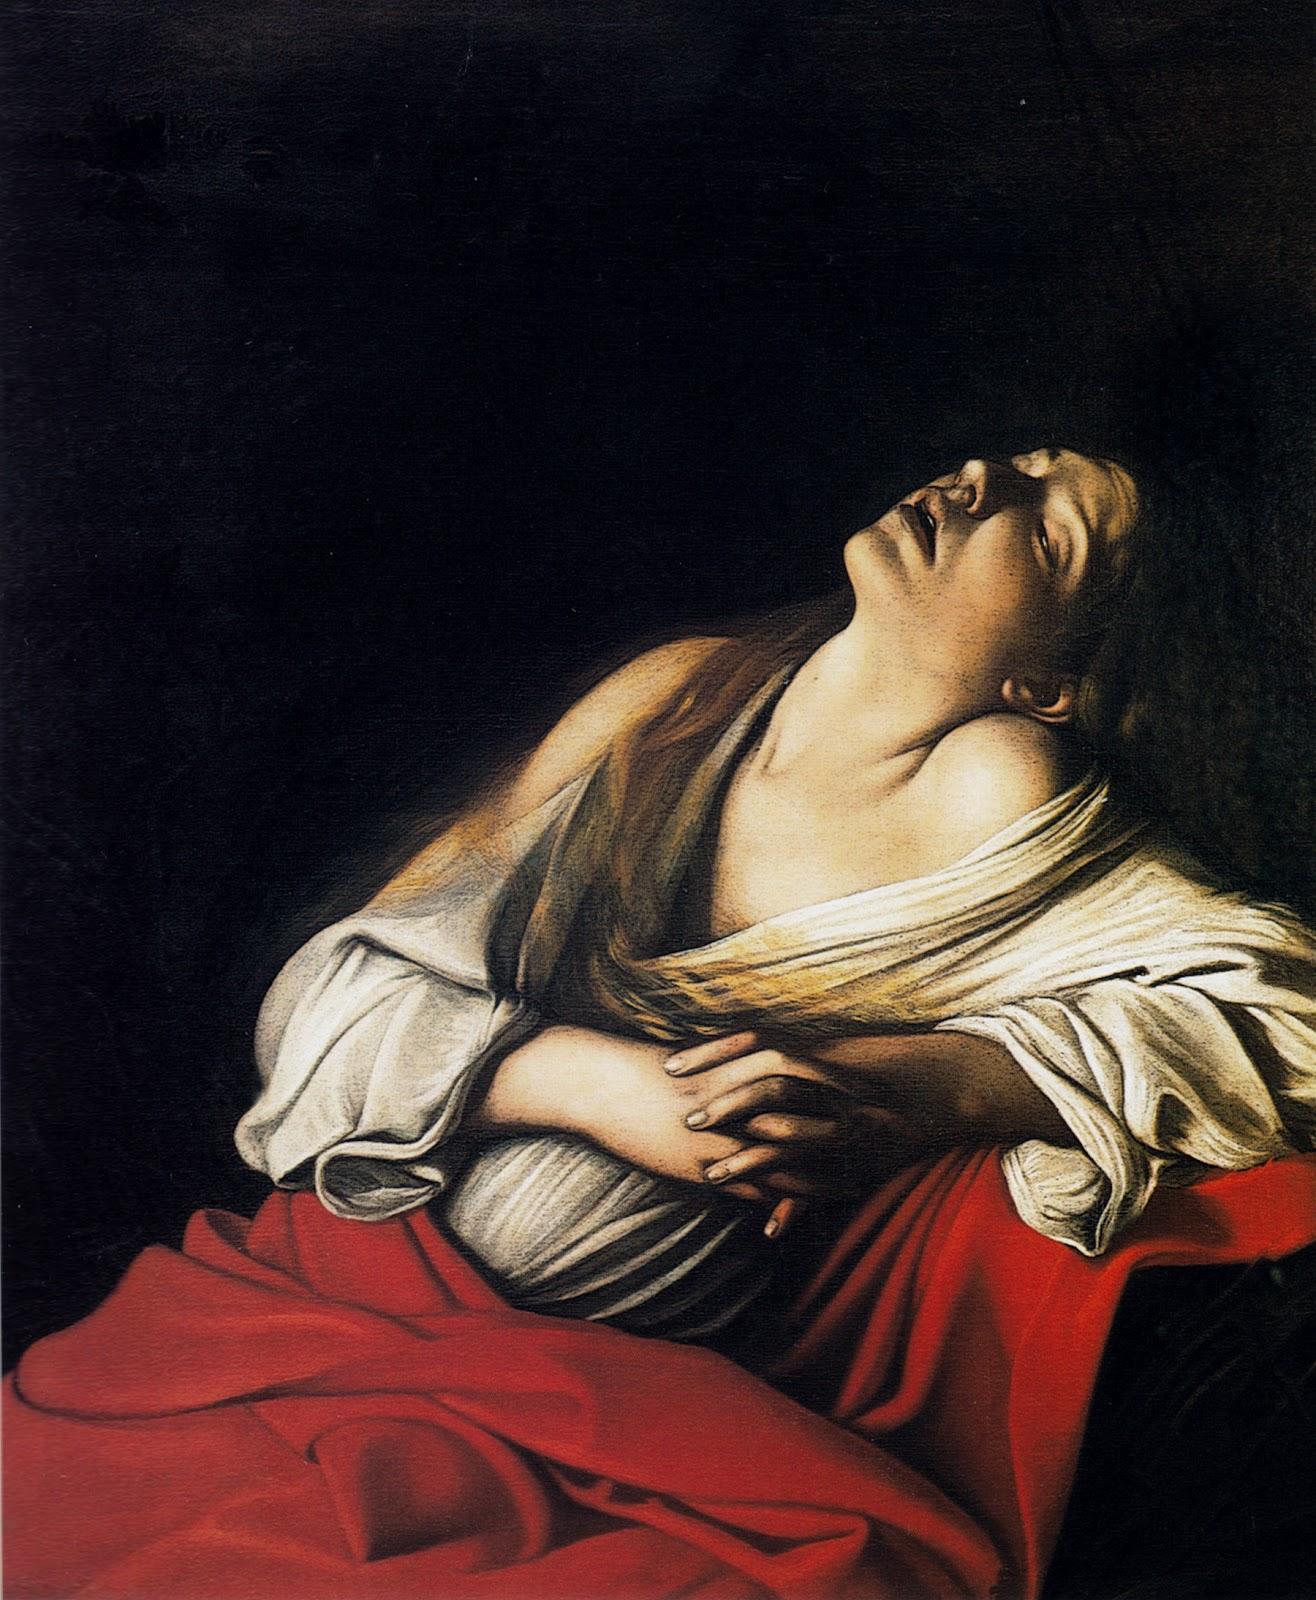 Détail du tableau attribué au Caravage, Madeleine en extase, huile sur toile, 103,5 x 91,5 cm, collection privée.